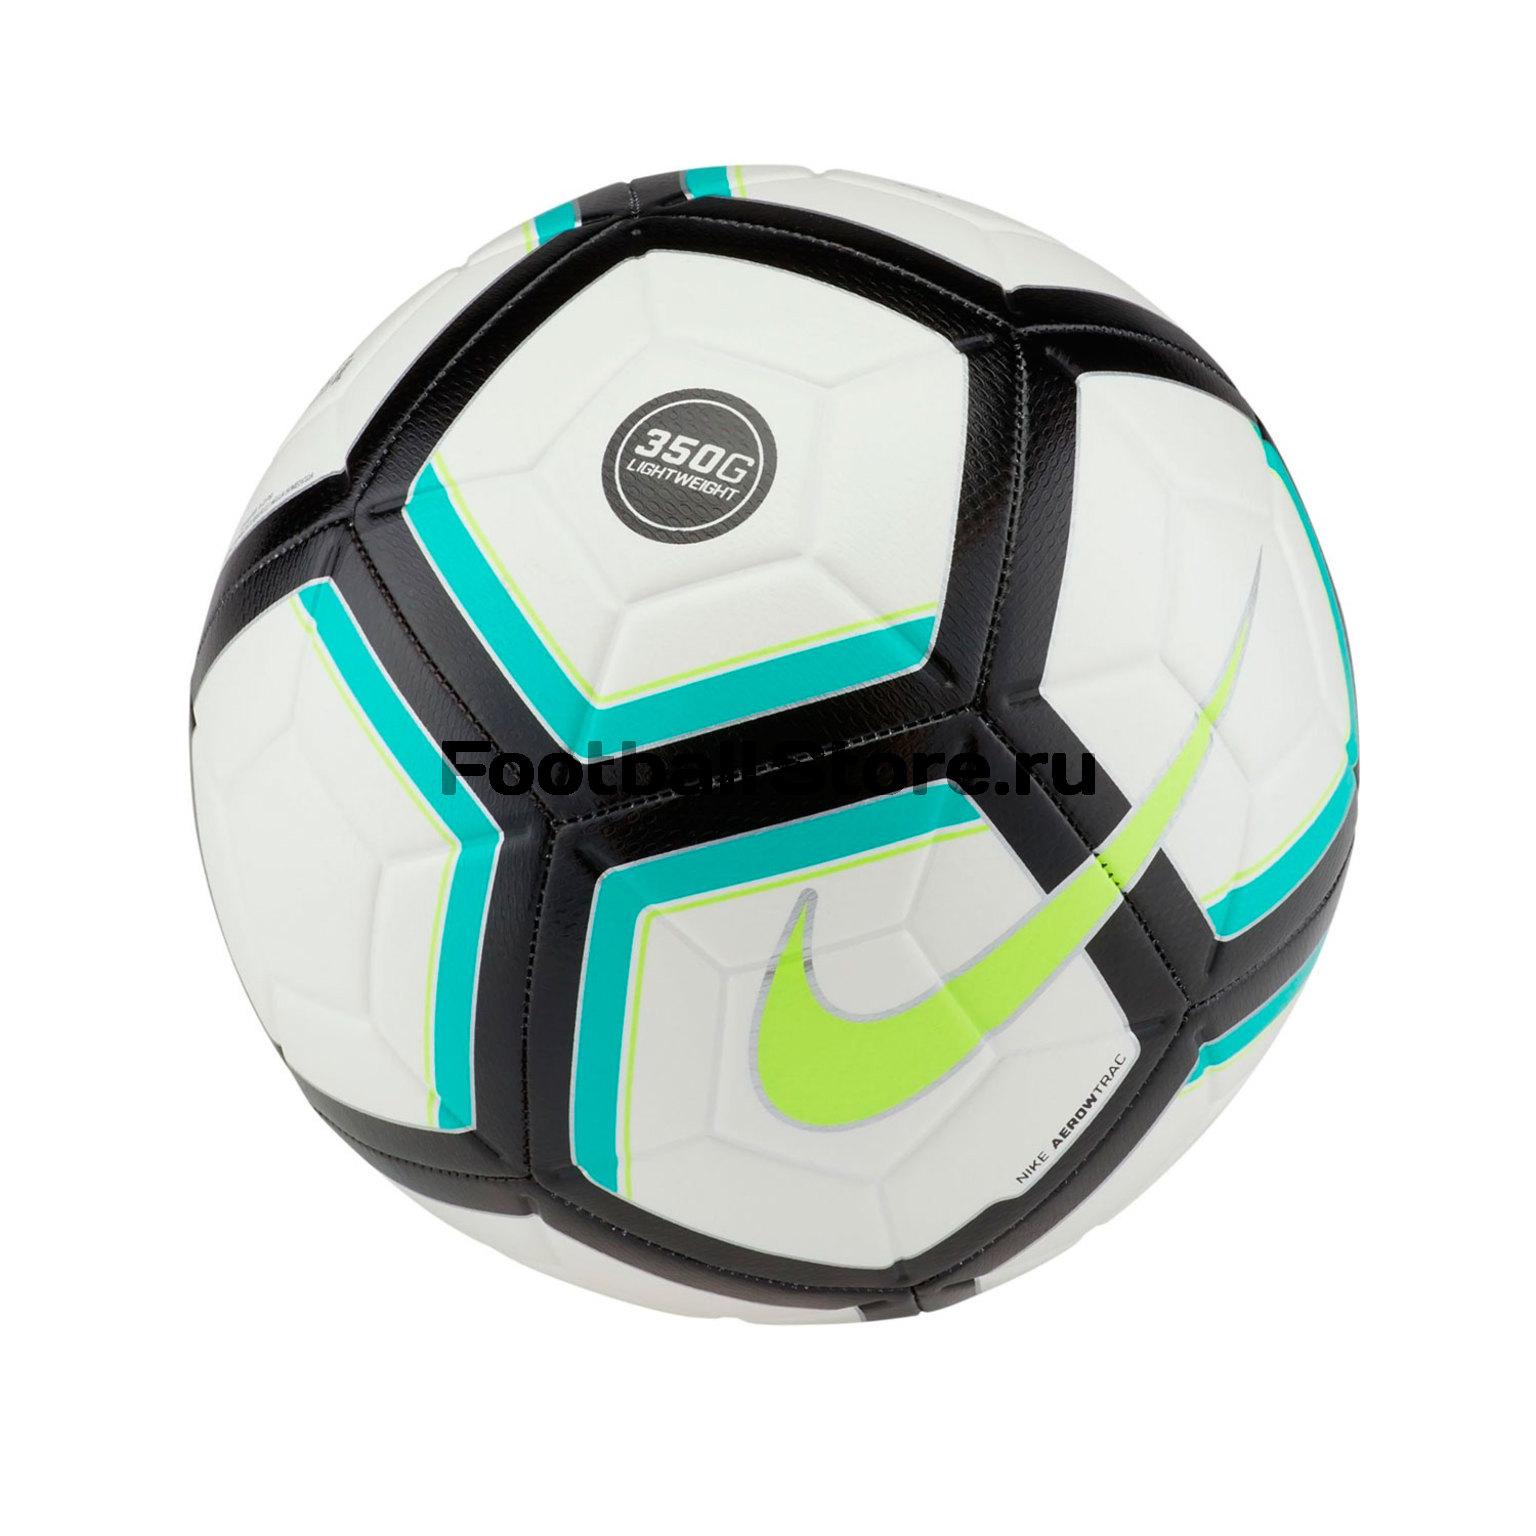 ... Футбольный мяч Nike NK Strike Team 350G SC3126-100. О ТОВАРЕ  РАСЧЕТ  ДОСТАВКИ 33b883bfb9470